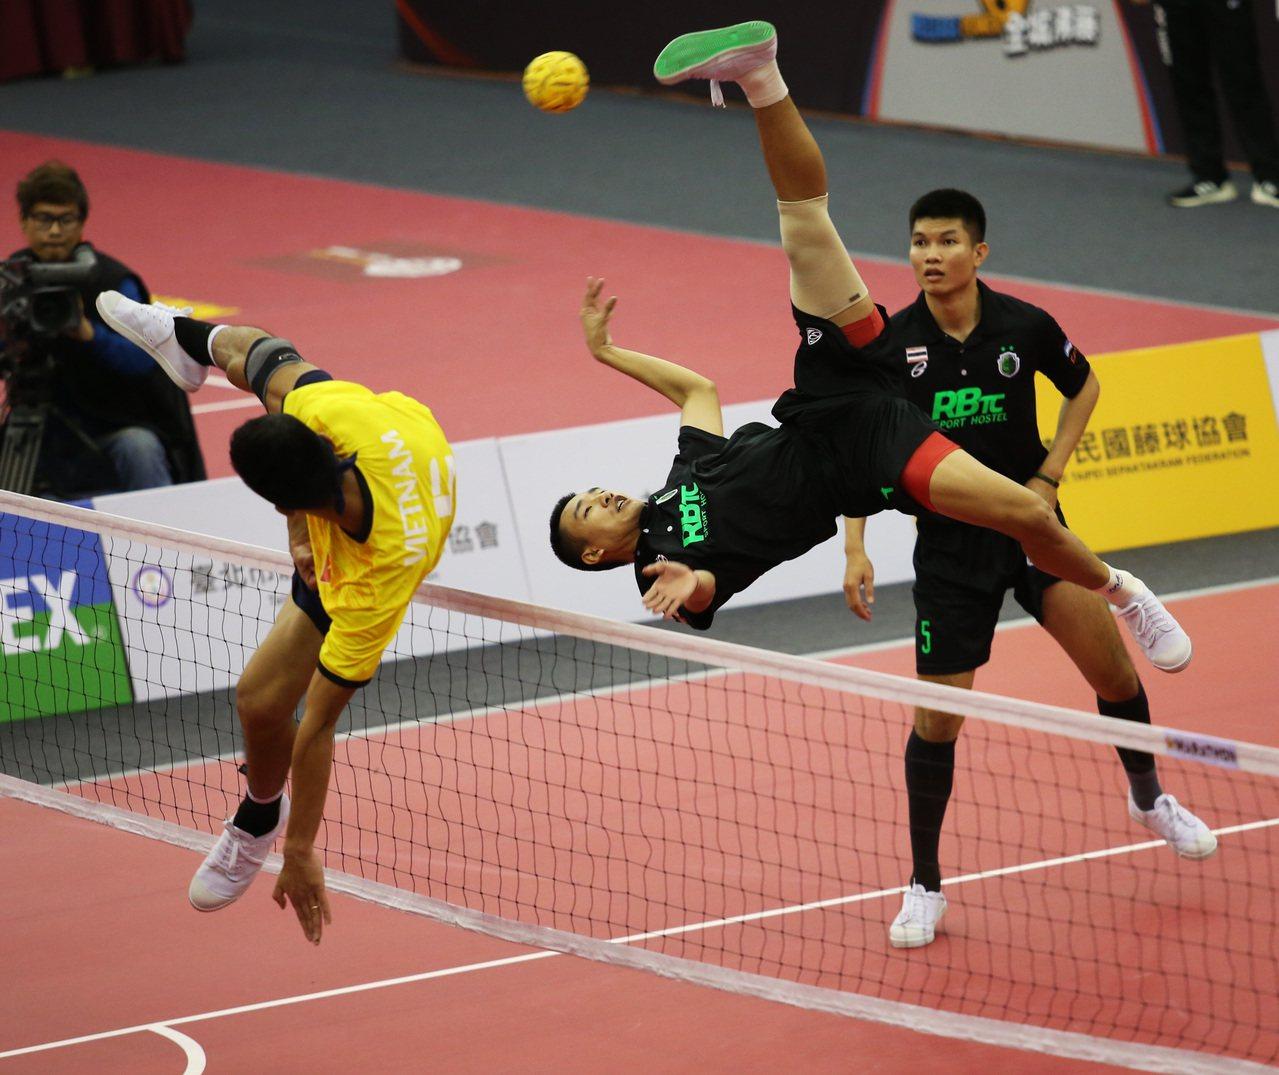 泰國隊拿下首屆台灣國際藤球邀請賽雙冠。圖/中華藤球協會提供